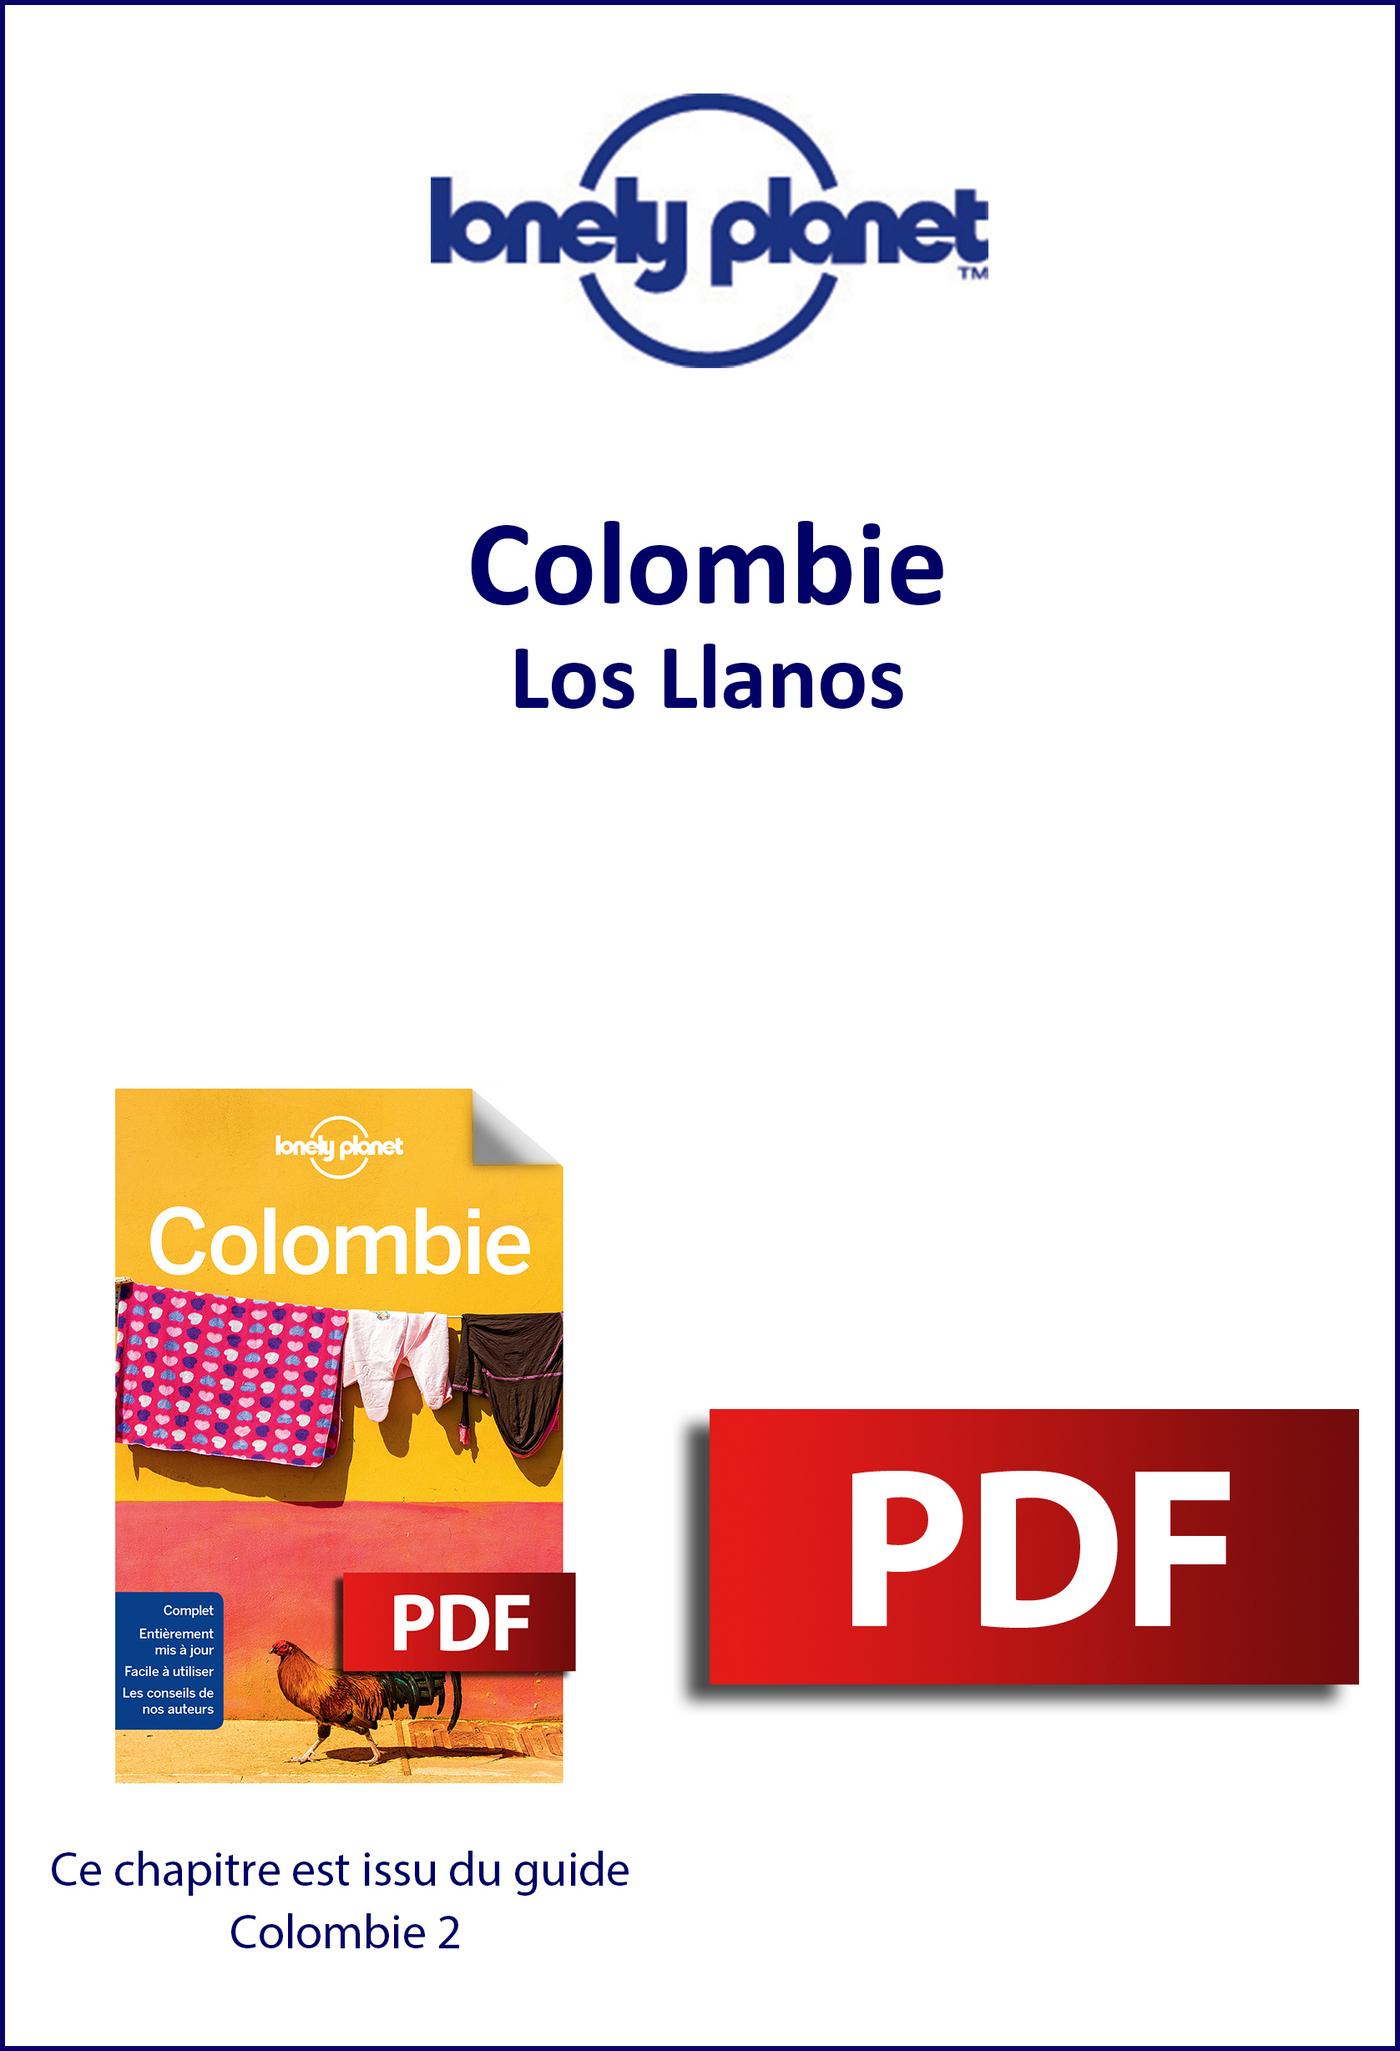 Colombie - Los Llanos